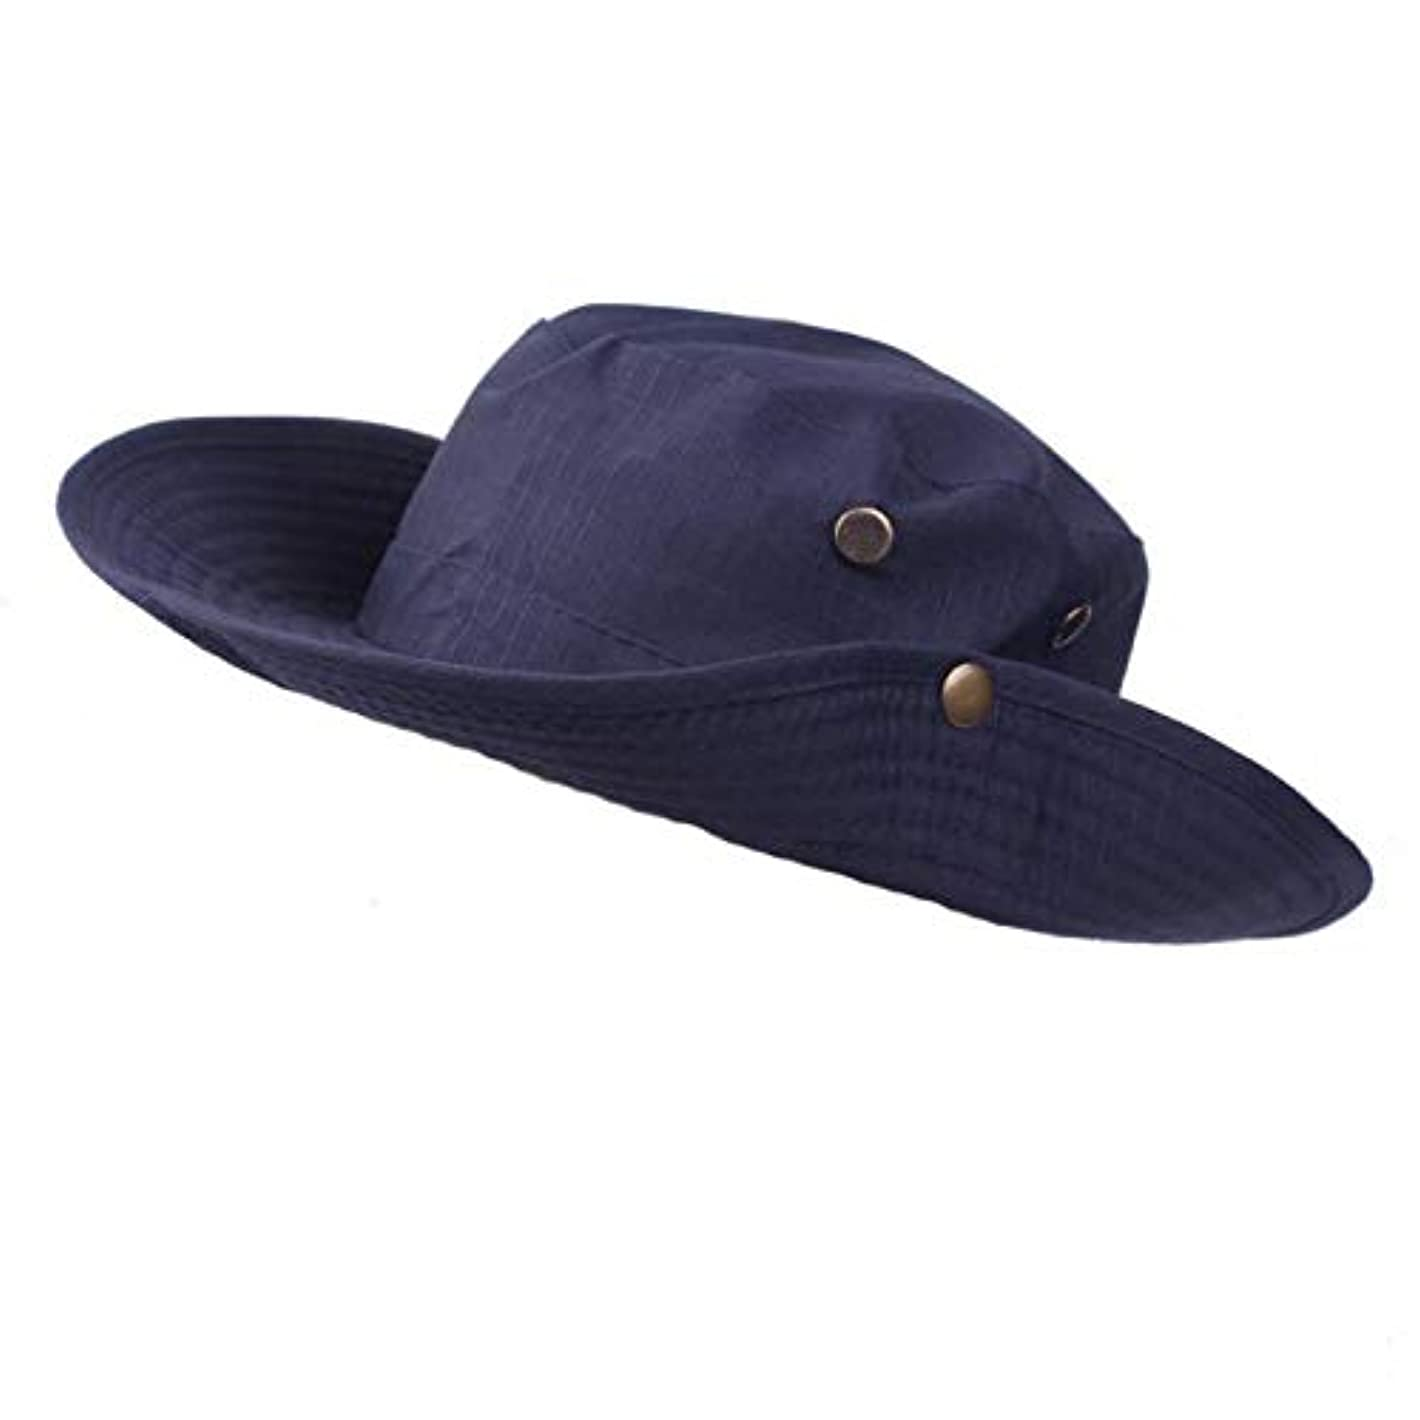 感謝する不安ベックスZhiyuan 広いつばの日焼け防止釣り旅行帽子